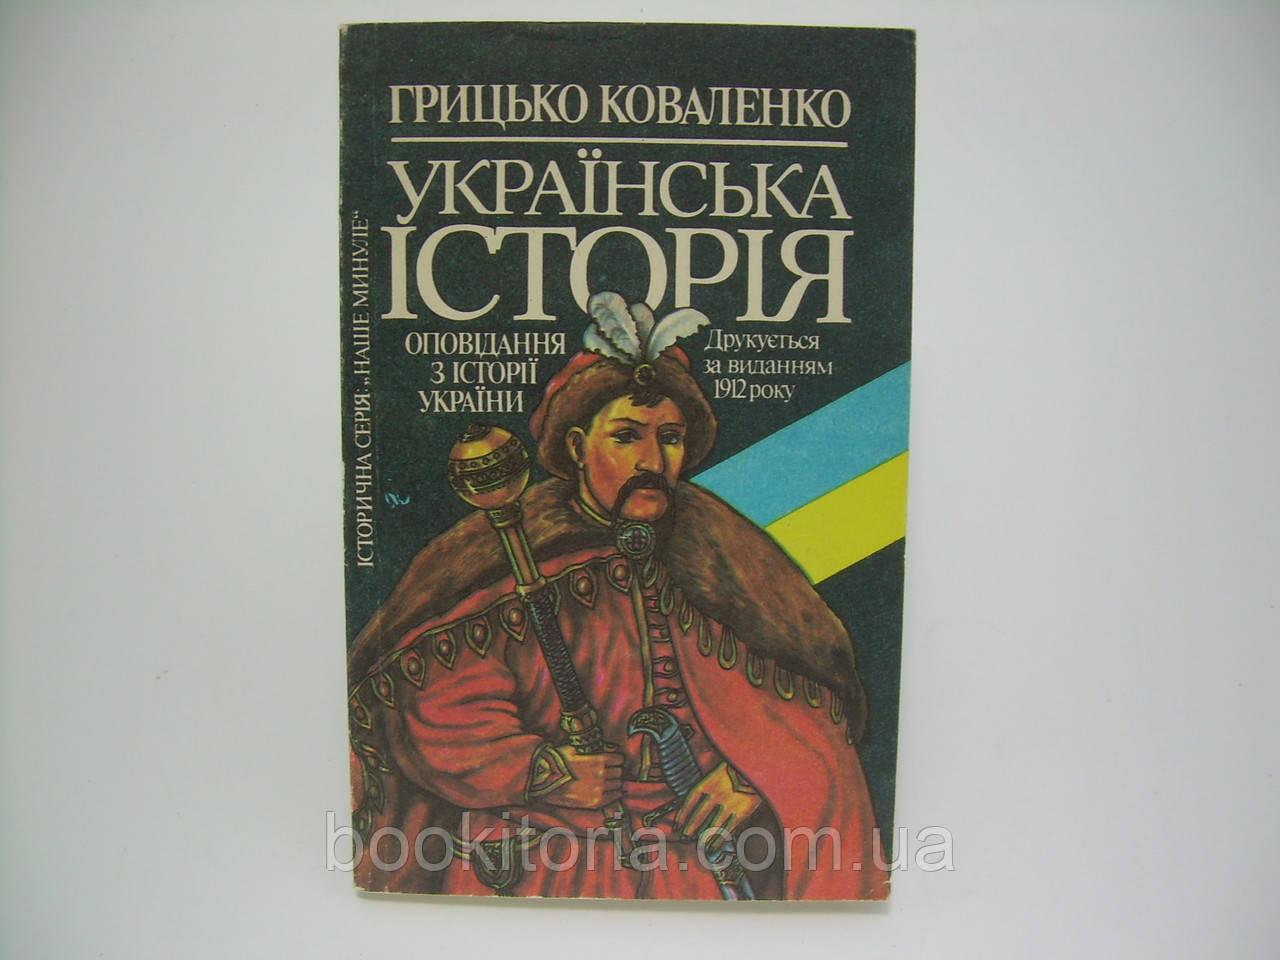 Коваленко Г. Українська історія (б/у).